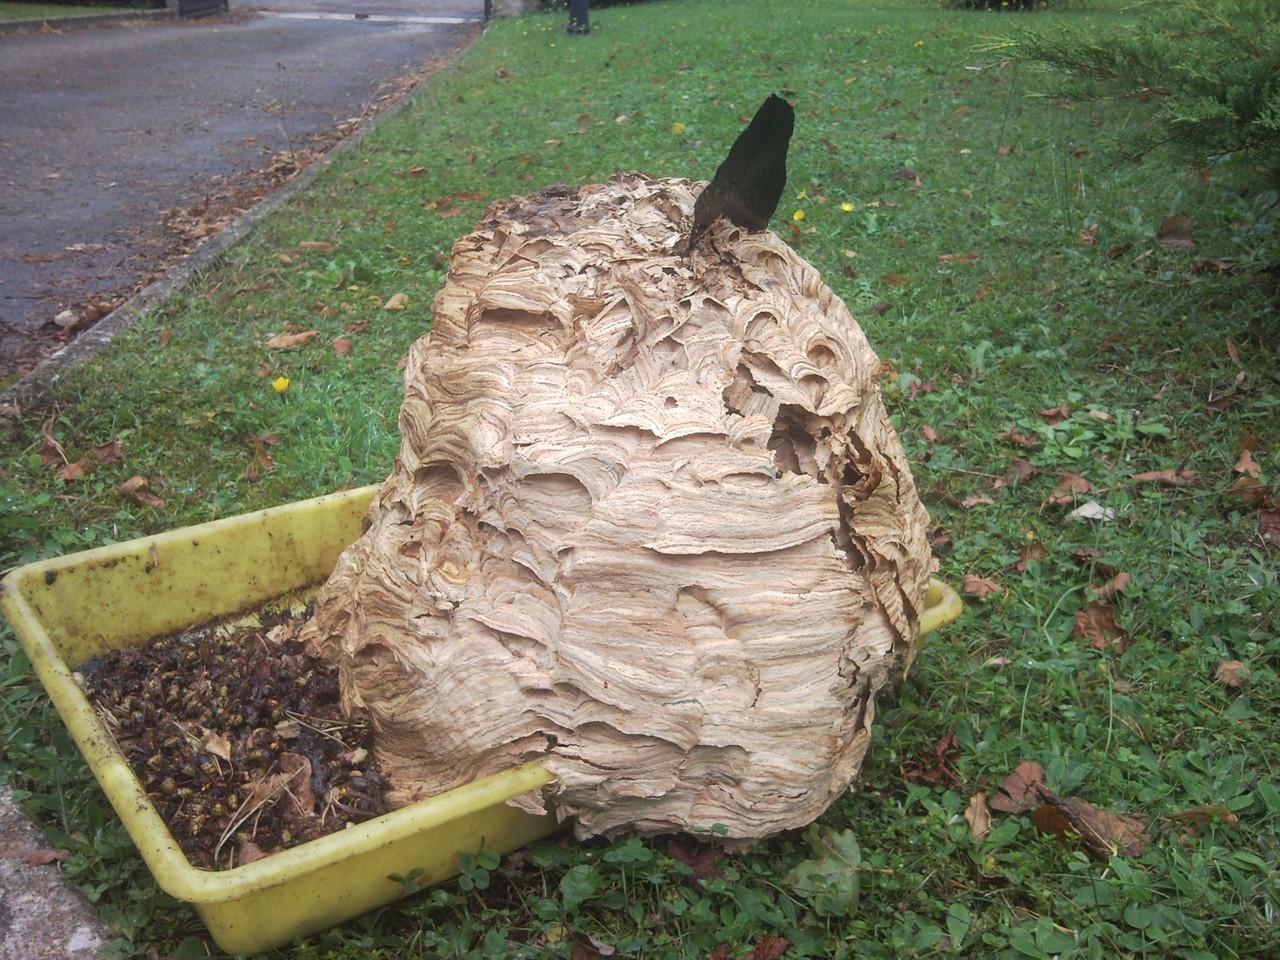 Nid de frelon extrait d'un grenier